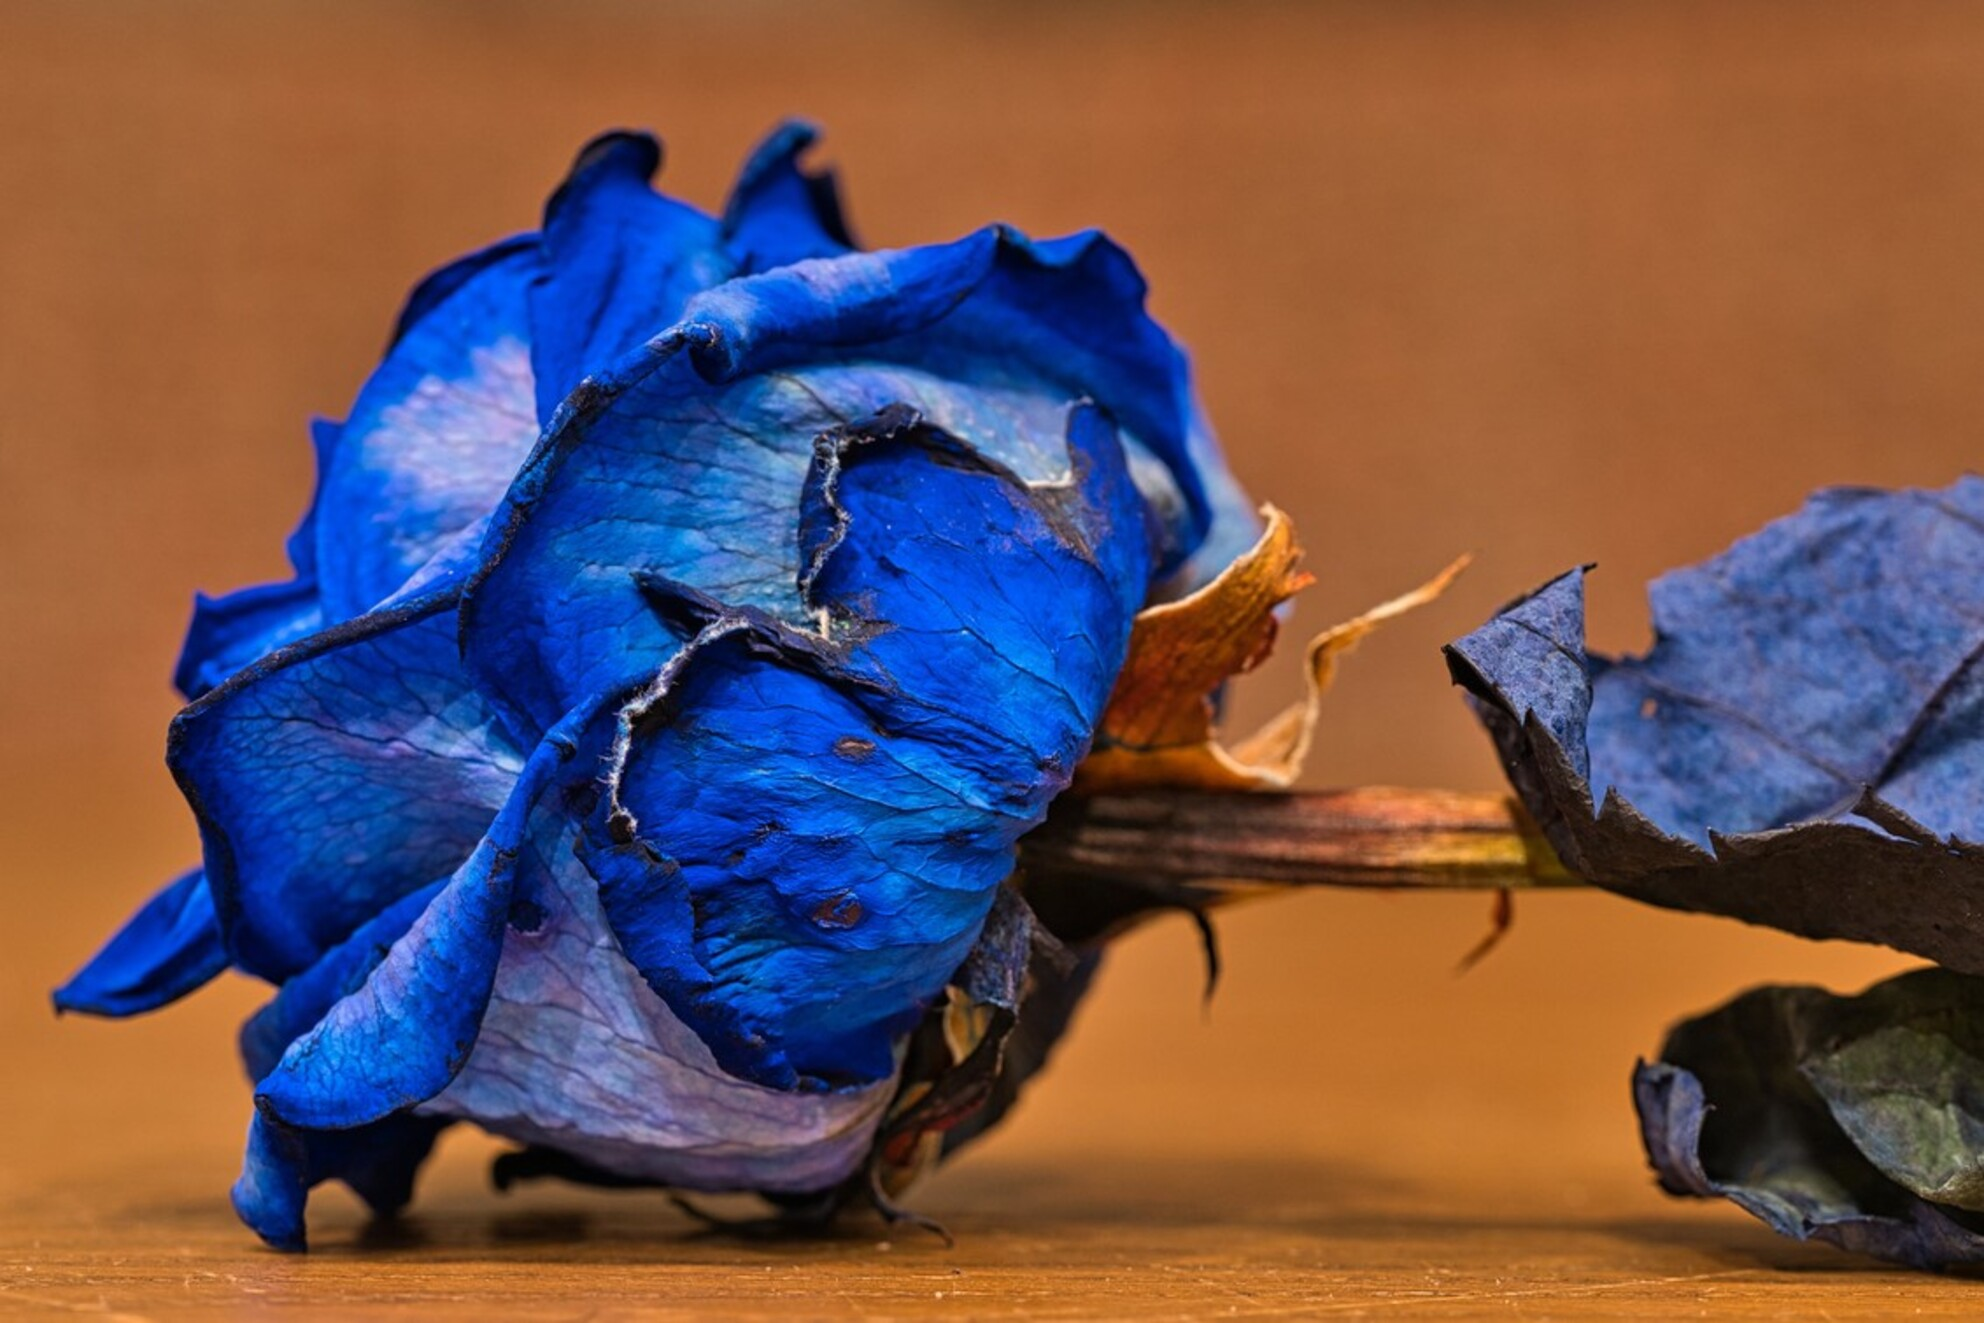 Roos - - - foto door PaulvanVliet op 17-02-2021 - deze foto bevat: macro, blauw, bloem, natuur, bruin, roos, licht, oranje, kleurrijk, bokeh - Deze foto mag gebruikt worden in een Zoom.nl publicatie